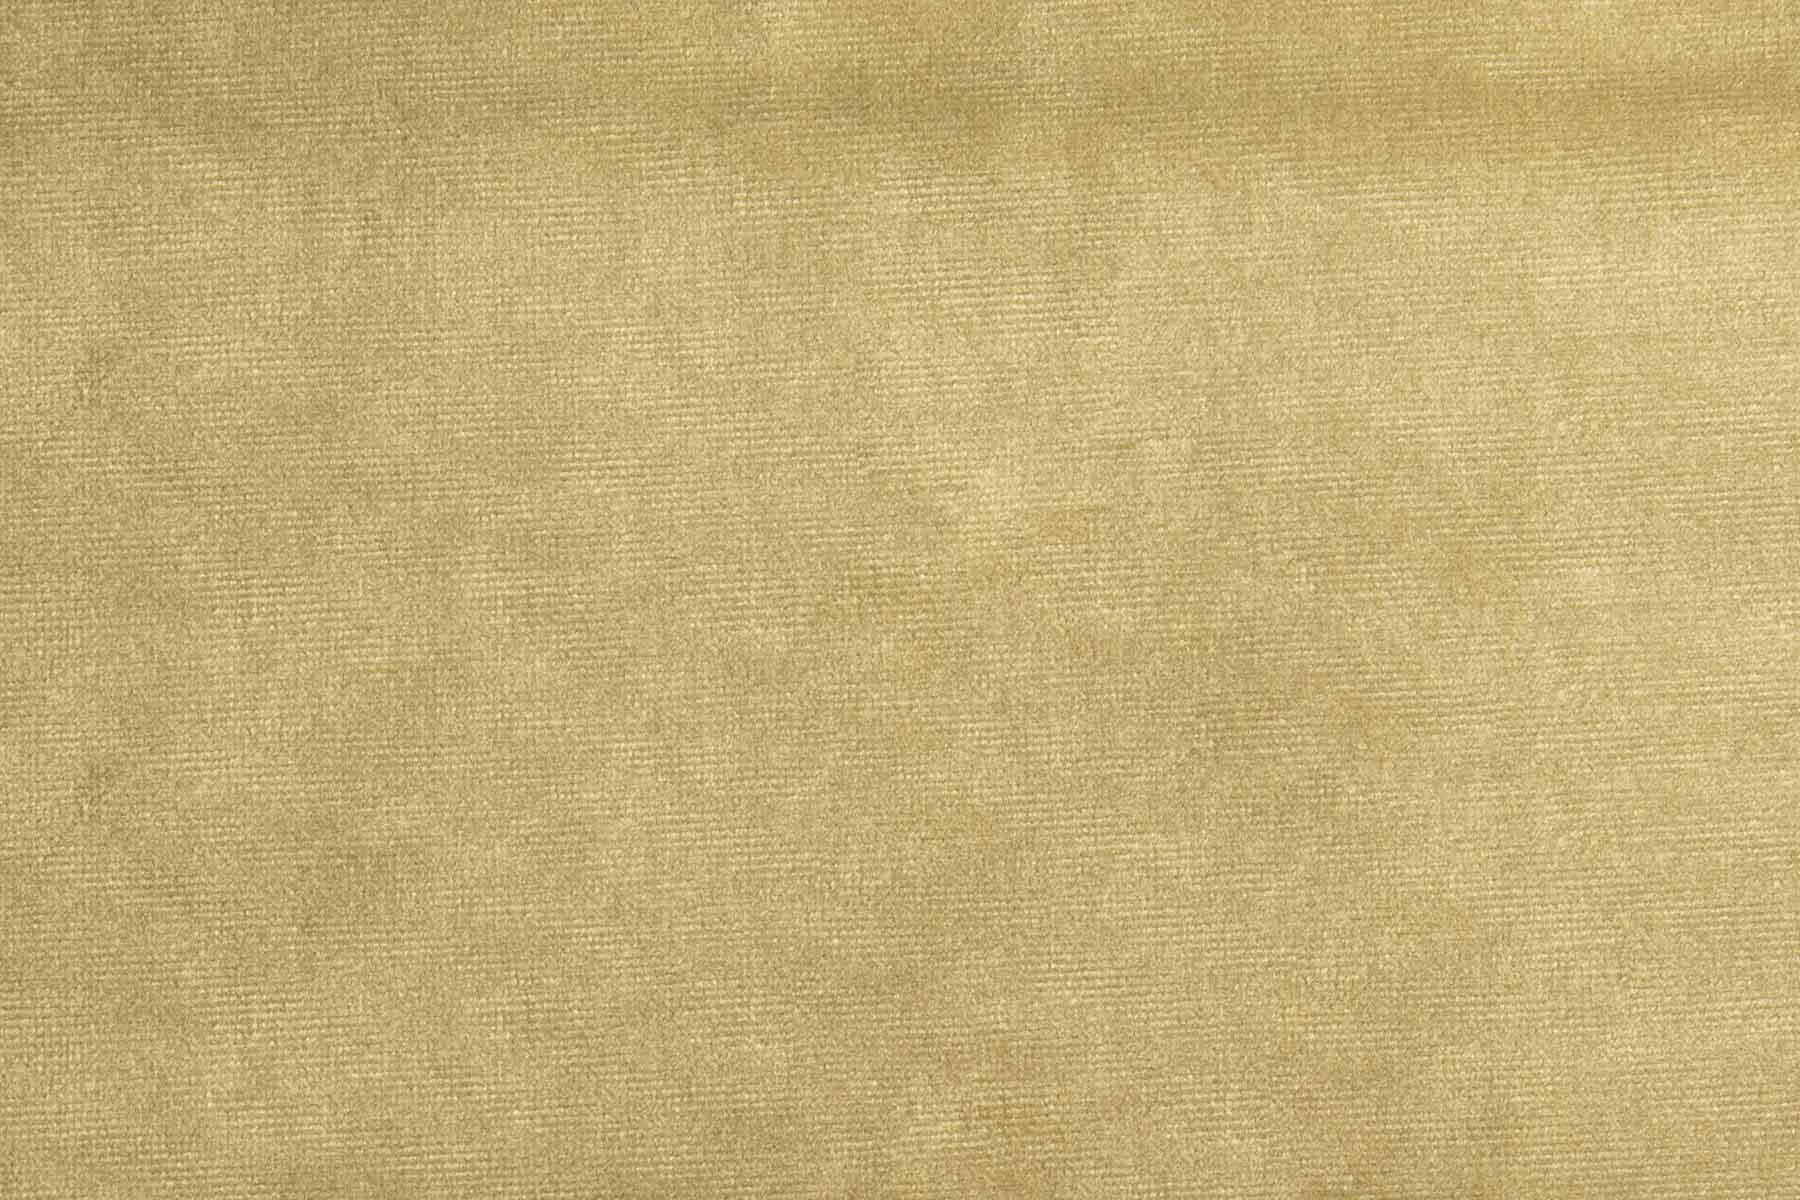 Fabric PARIS VELVET BEIGE by Koket for Beige Velvet Fabric Texture  55nar